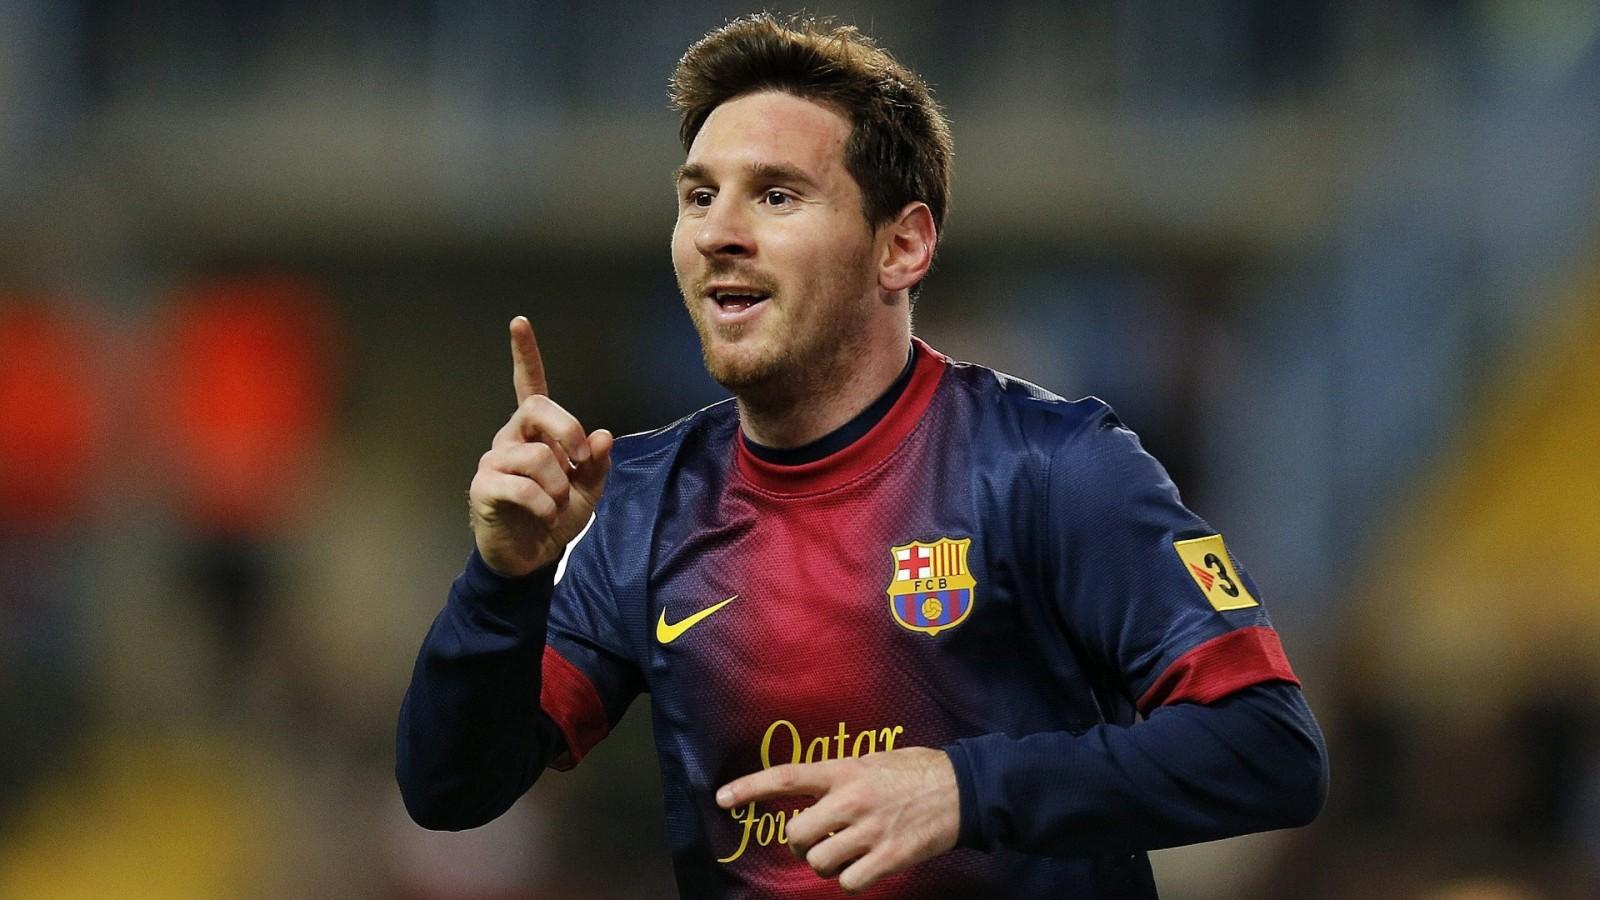 Barcellona: Messi in fase di recupero